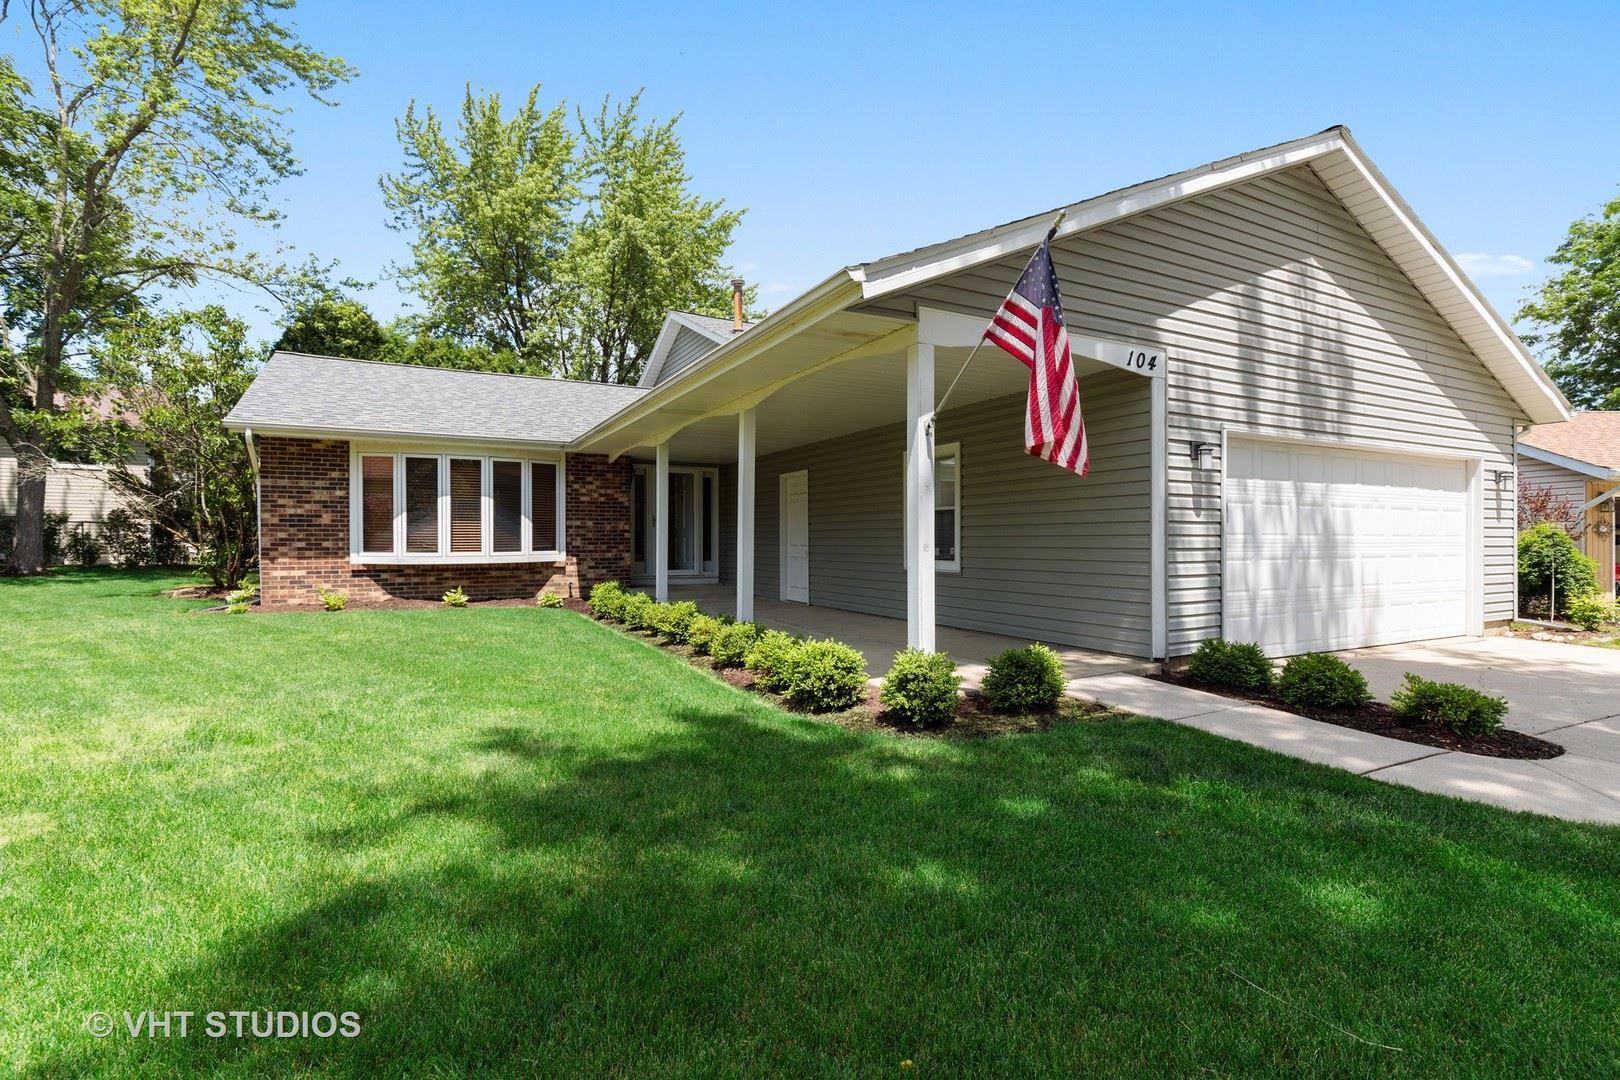 104 Televista Court, Vernon Hills, IL 60061 - #: 10762170